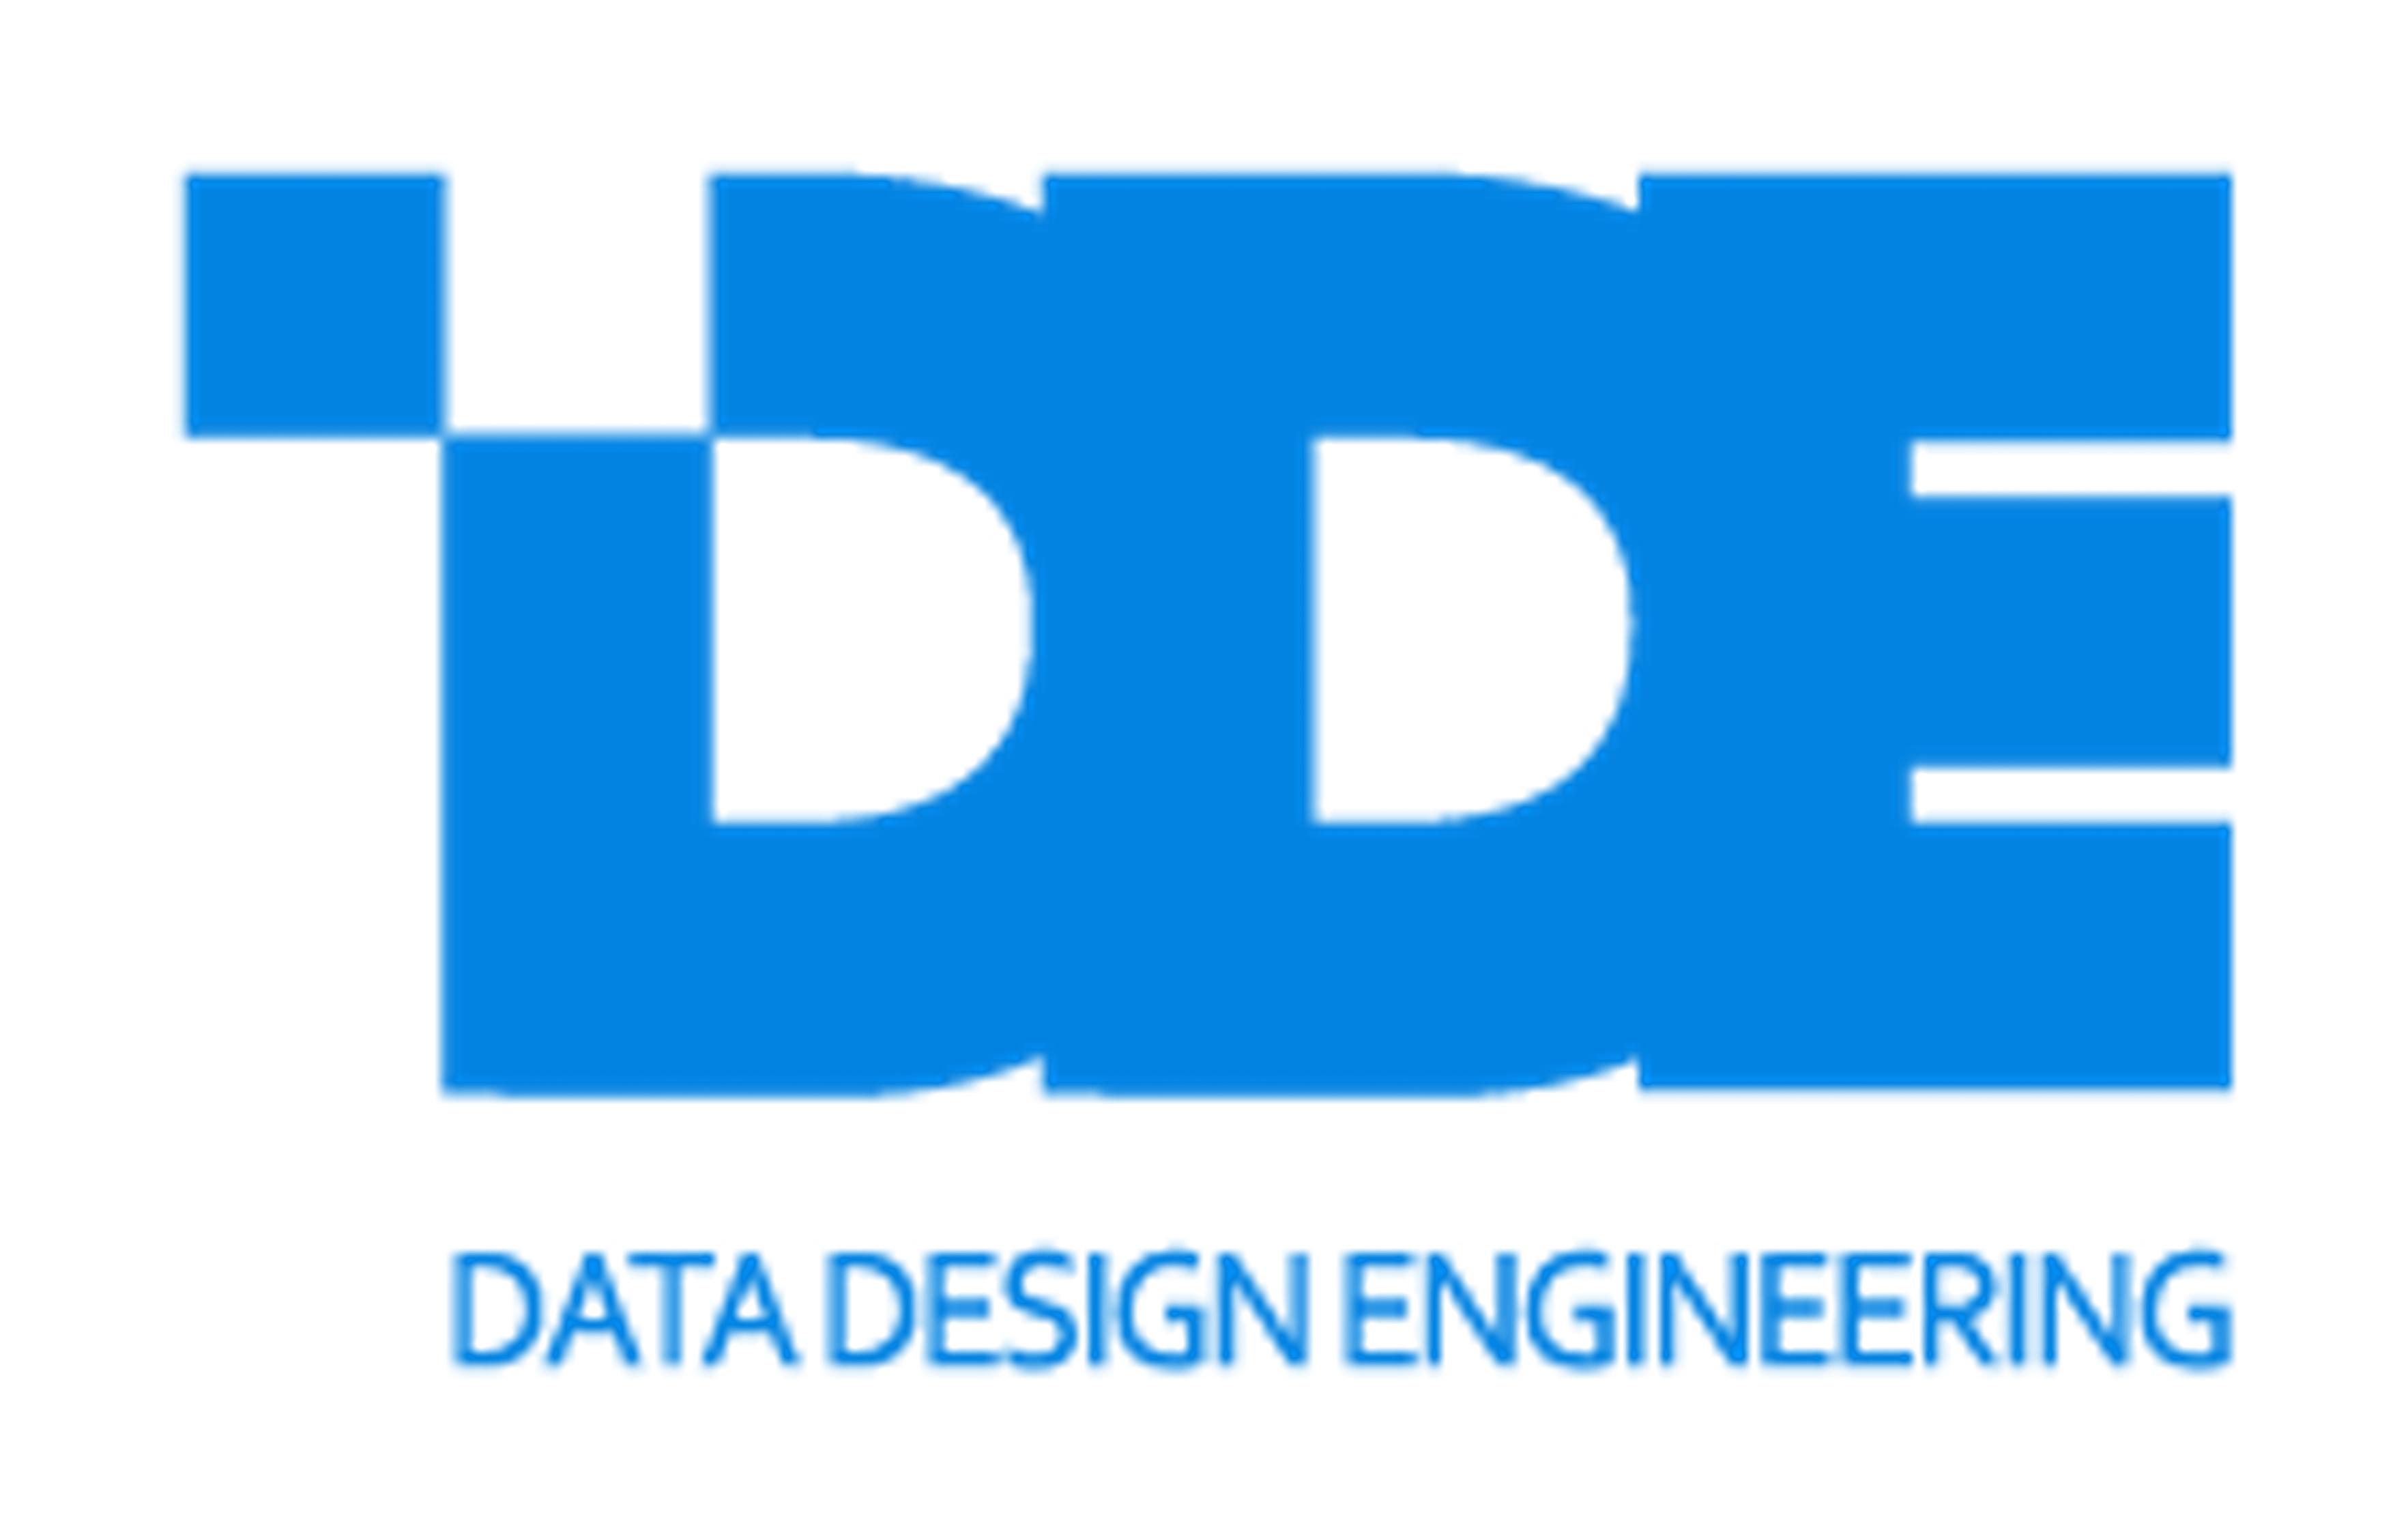 (주)데이터디자인엔지니어링의 기업로고